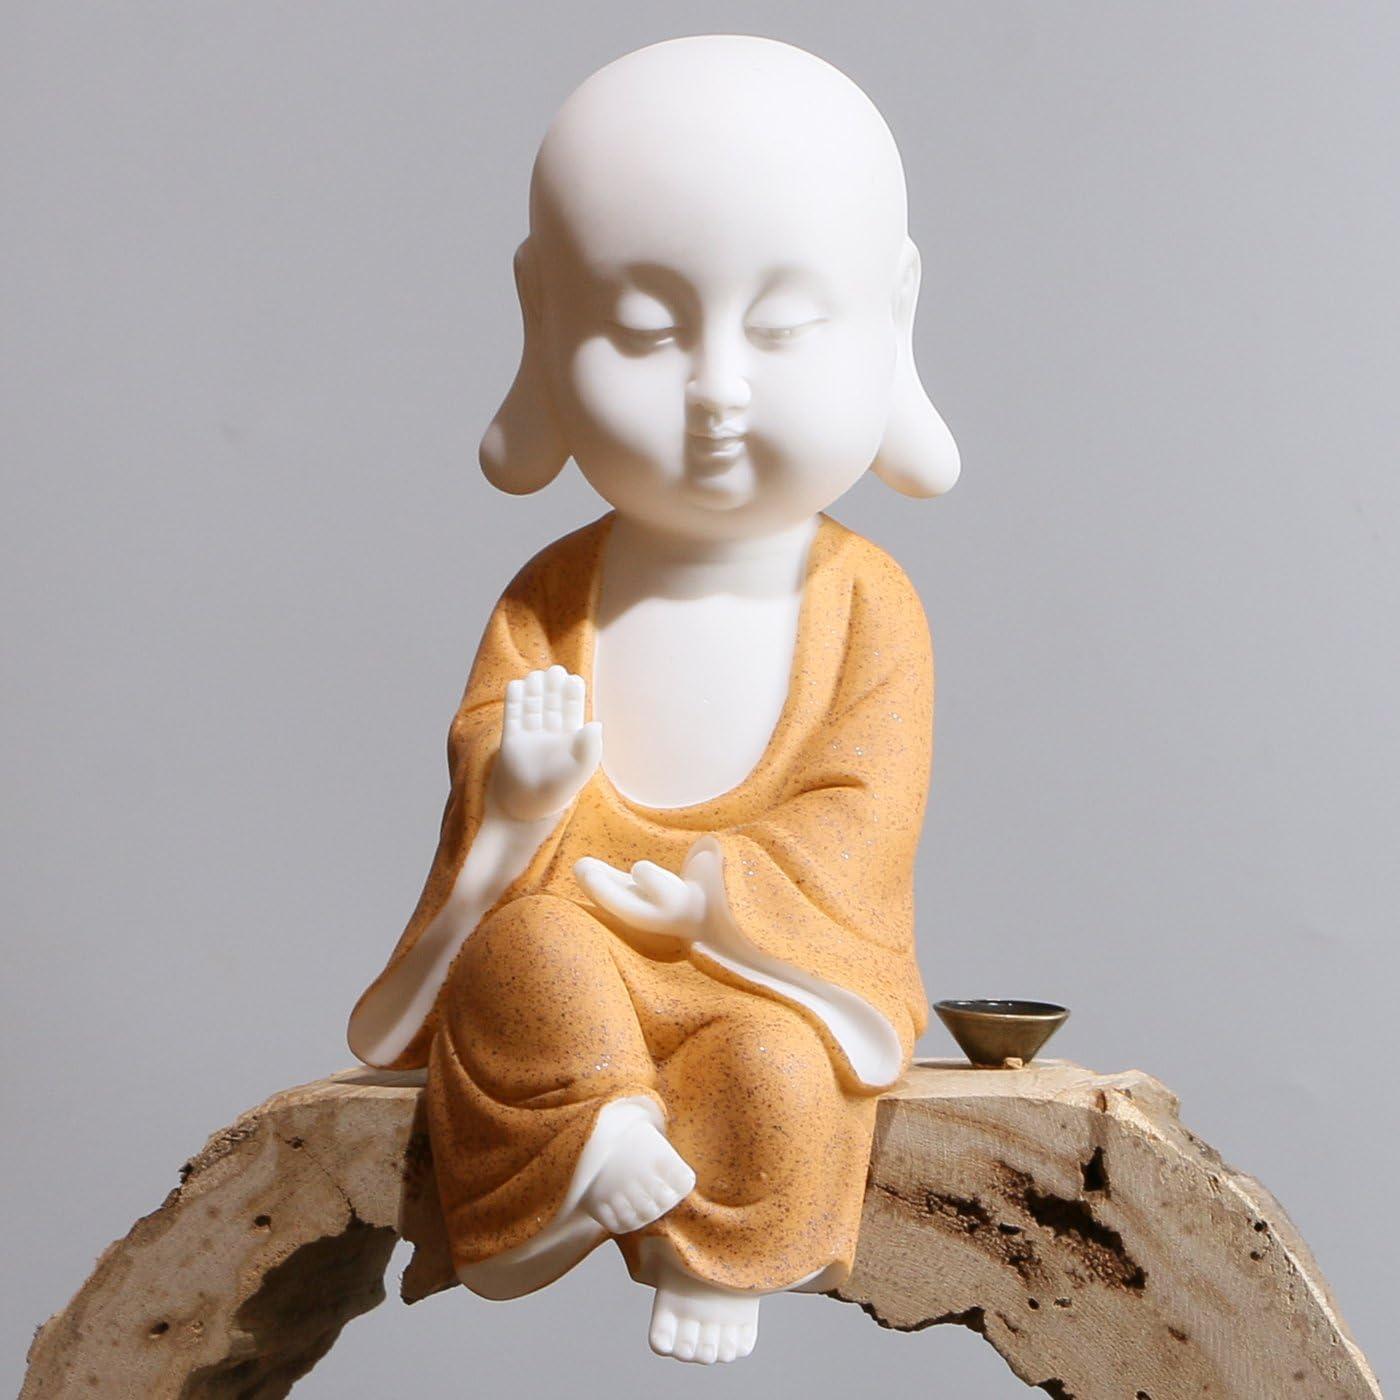 White Ceramic Little Cute Buddha Statue Buddha Figurines Home De